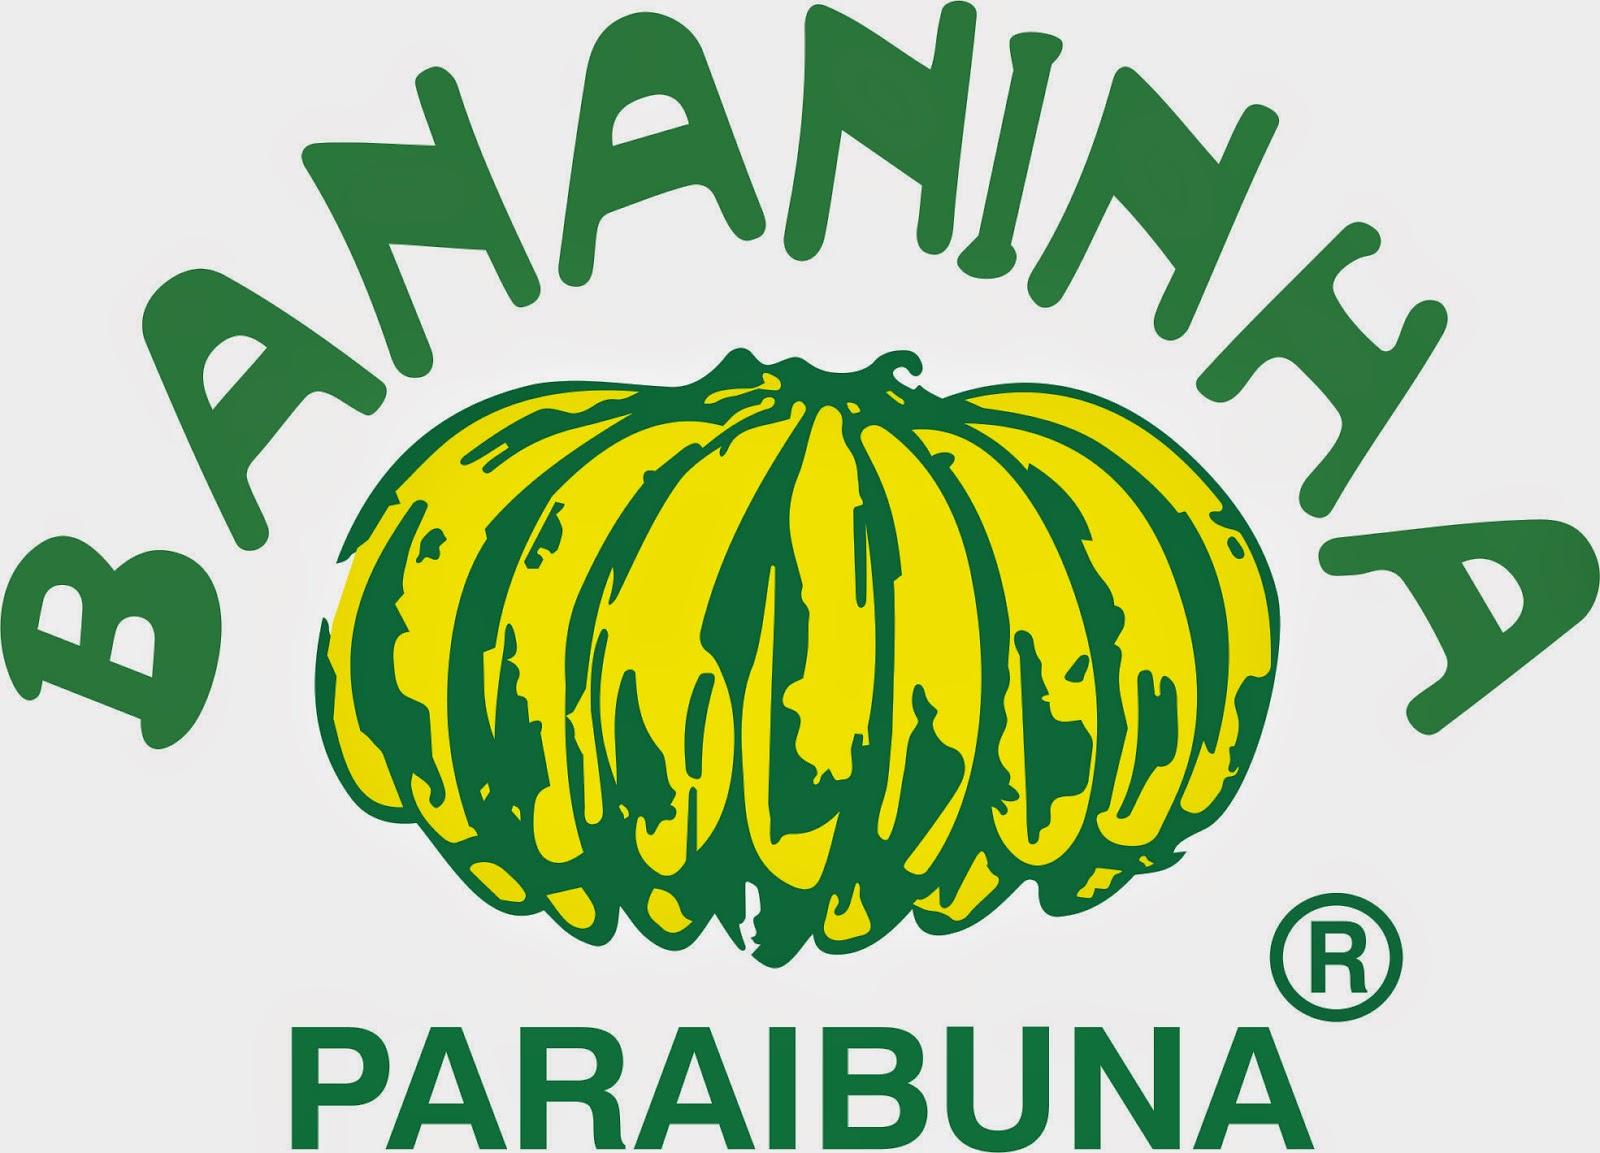 http://www.bananinhaparaibuna.blogspot.com.br/